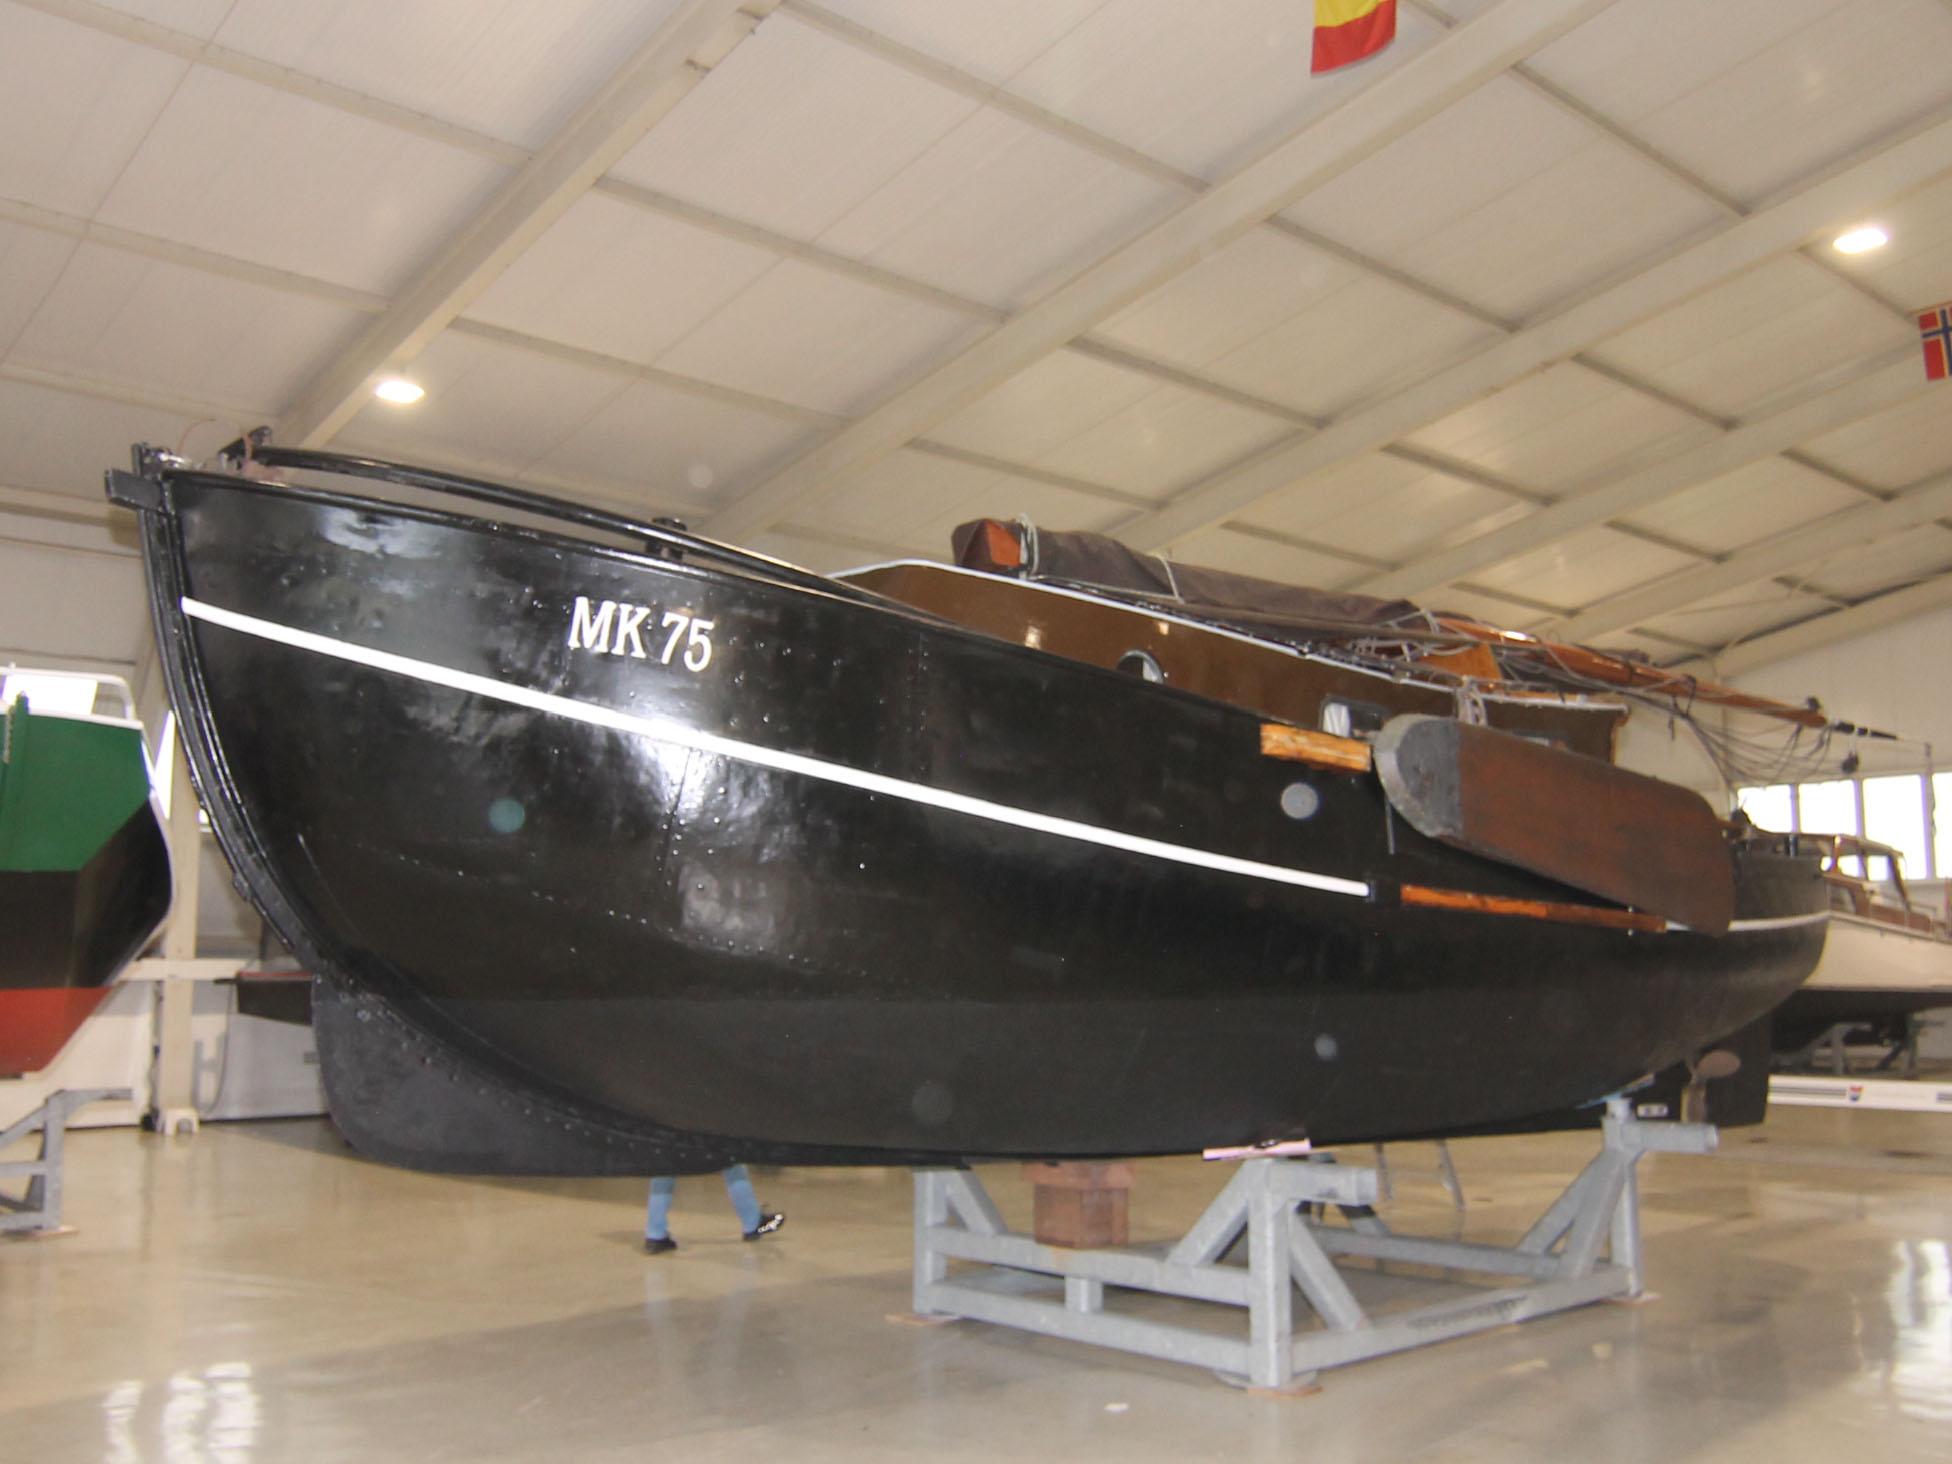 visserschip, Markerrondbouw  te koop · Ligplaats: Zuidbroek · MK 75 · ref 2185  · Scheepsmakelaardij Fikkers